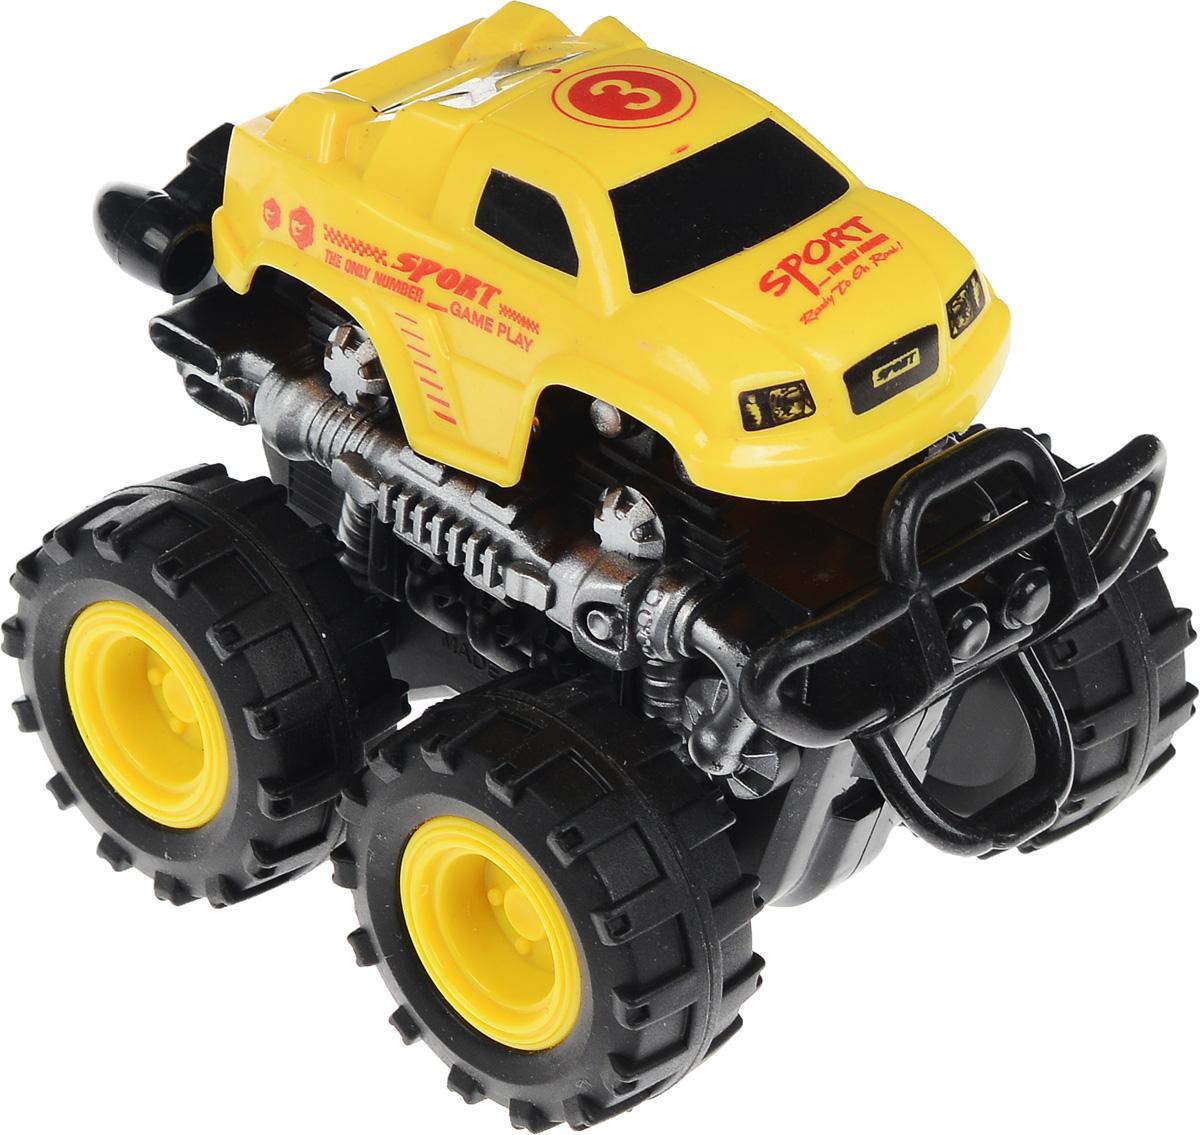 Big Motors Машинка инерционная 4 WD цвет желтый №3806B_желтый №3Инерционная машинка Big Motors 4WD станет любимой игрушкой вашего малыша. Игрушка представляет собой внедорожник с большими ребристыми колесами. Машинка оснащена инерционным механизмом. Достаточно немного подтолкнуть машинку вперед или назад, а затем отпустить, и она сама поедет в ту же сторону. Ваш ребенок будет часами играть с этой машинкой, придумывая различные истории. Порадуйте его таким замечательным подарком!